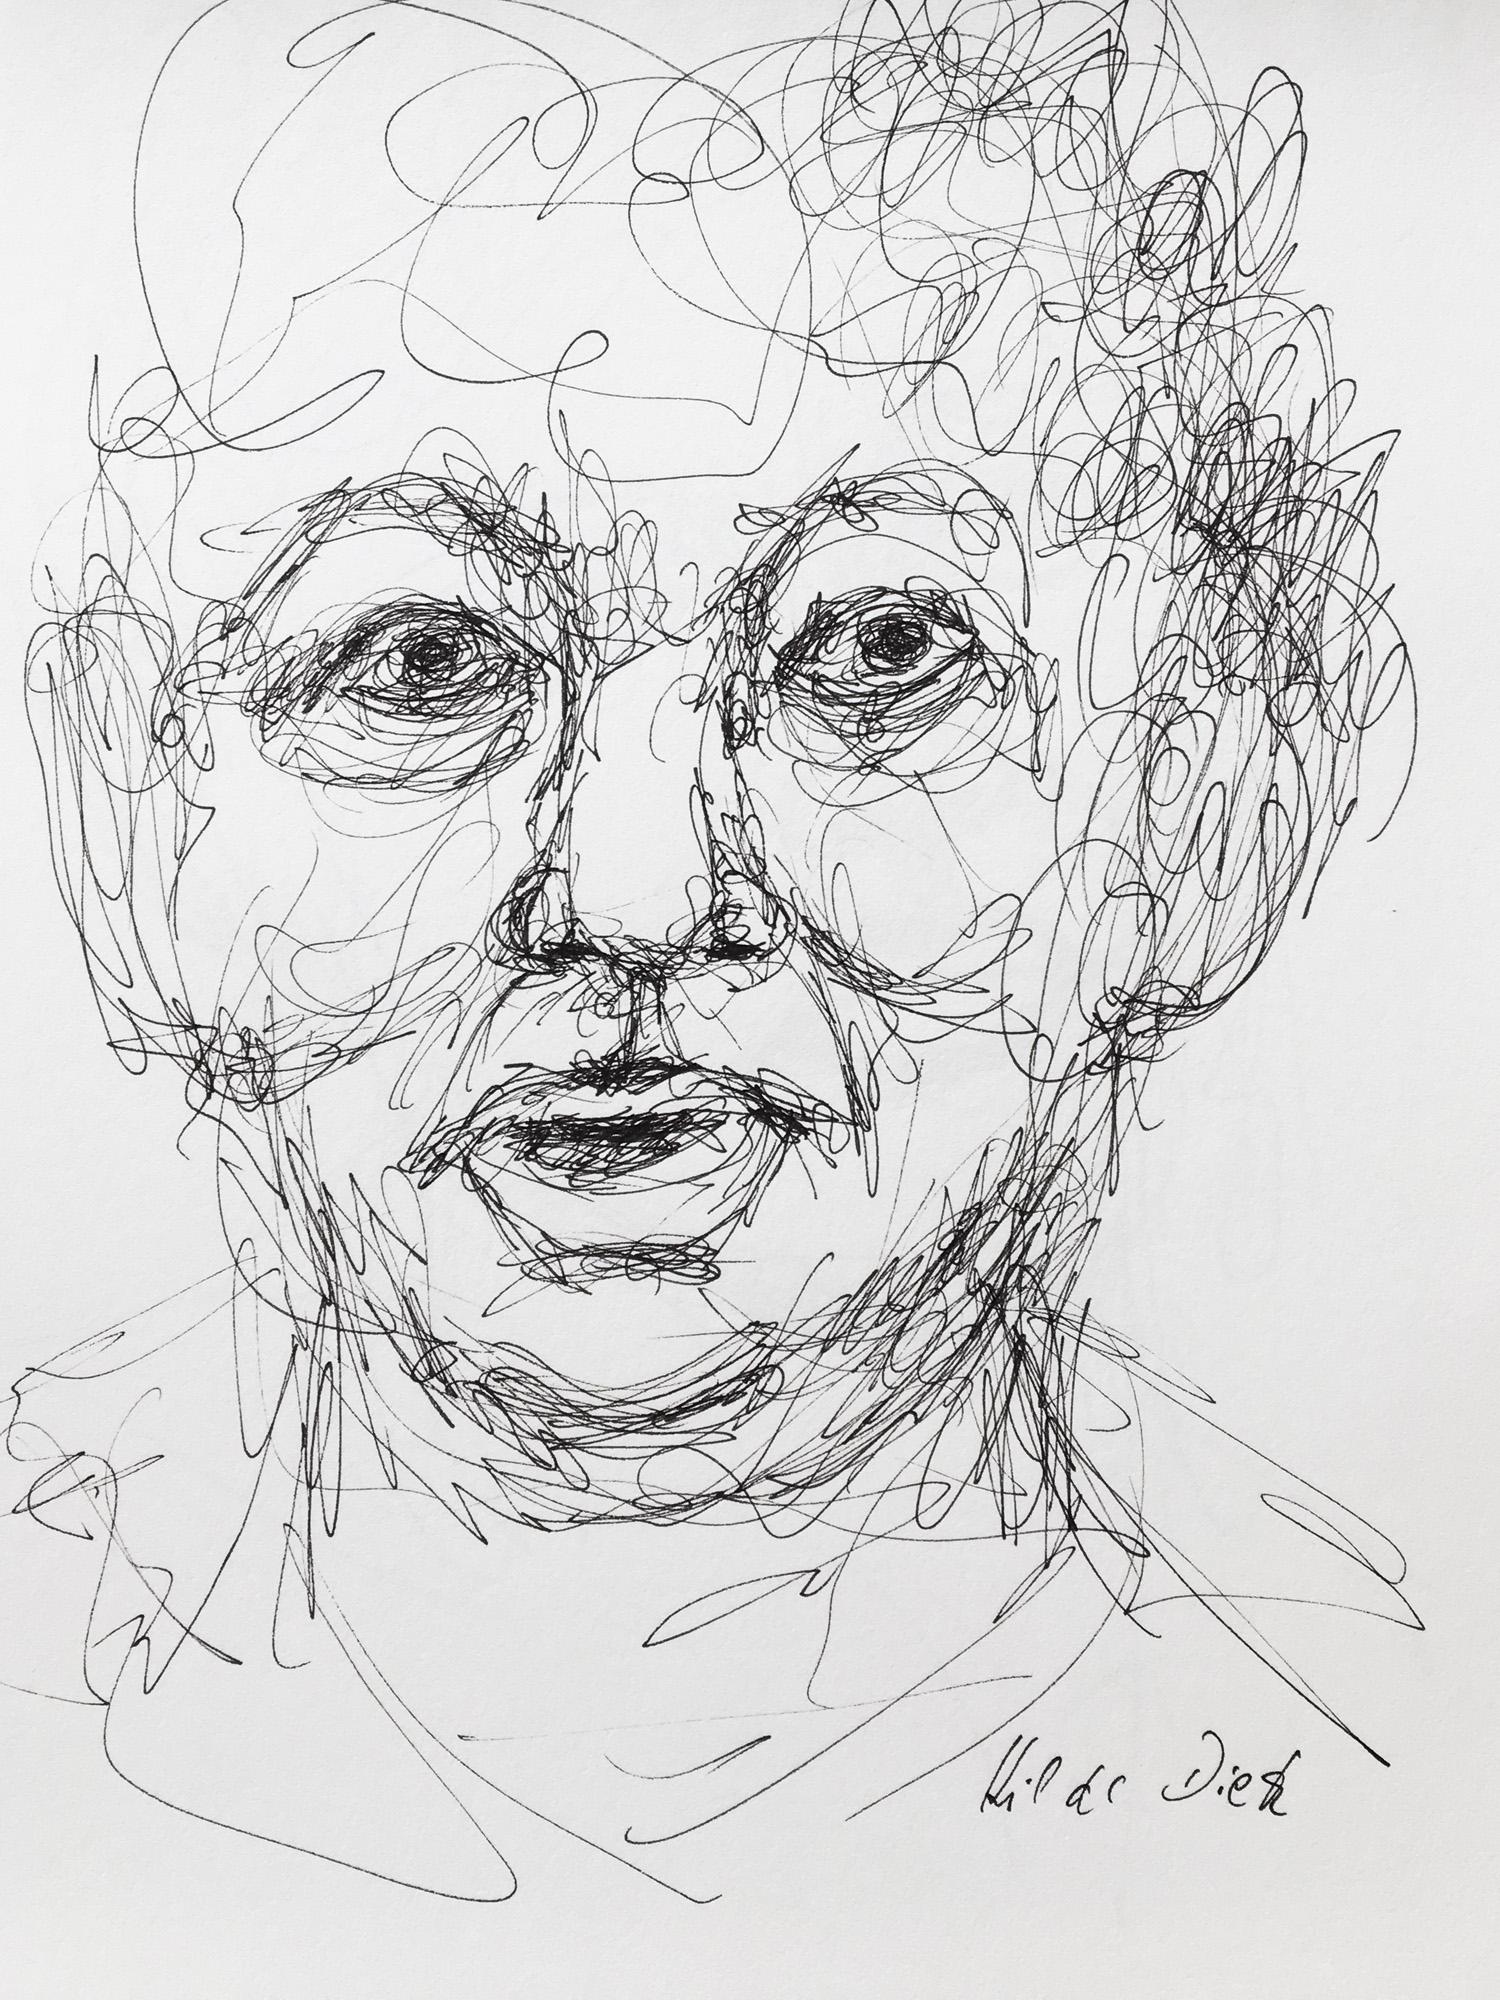 Hilde_Dietz_Menschenbilder_Zeichnung_Skizzen_2_15.jpg